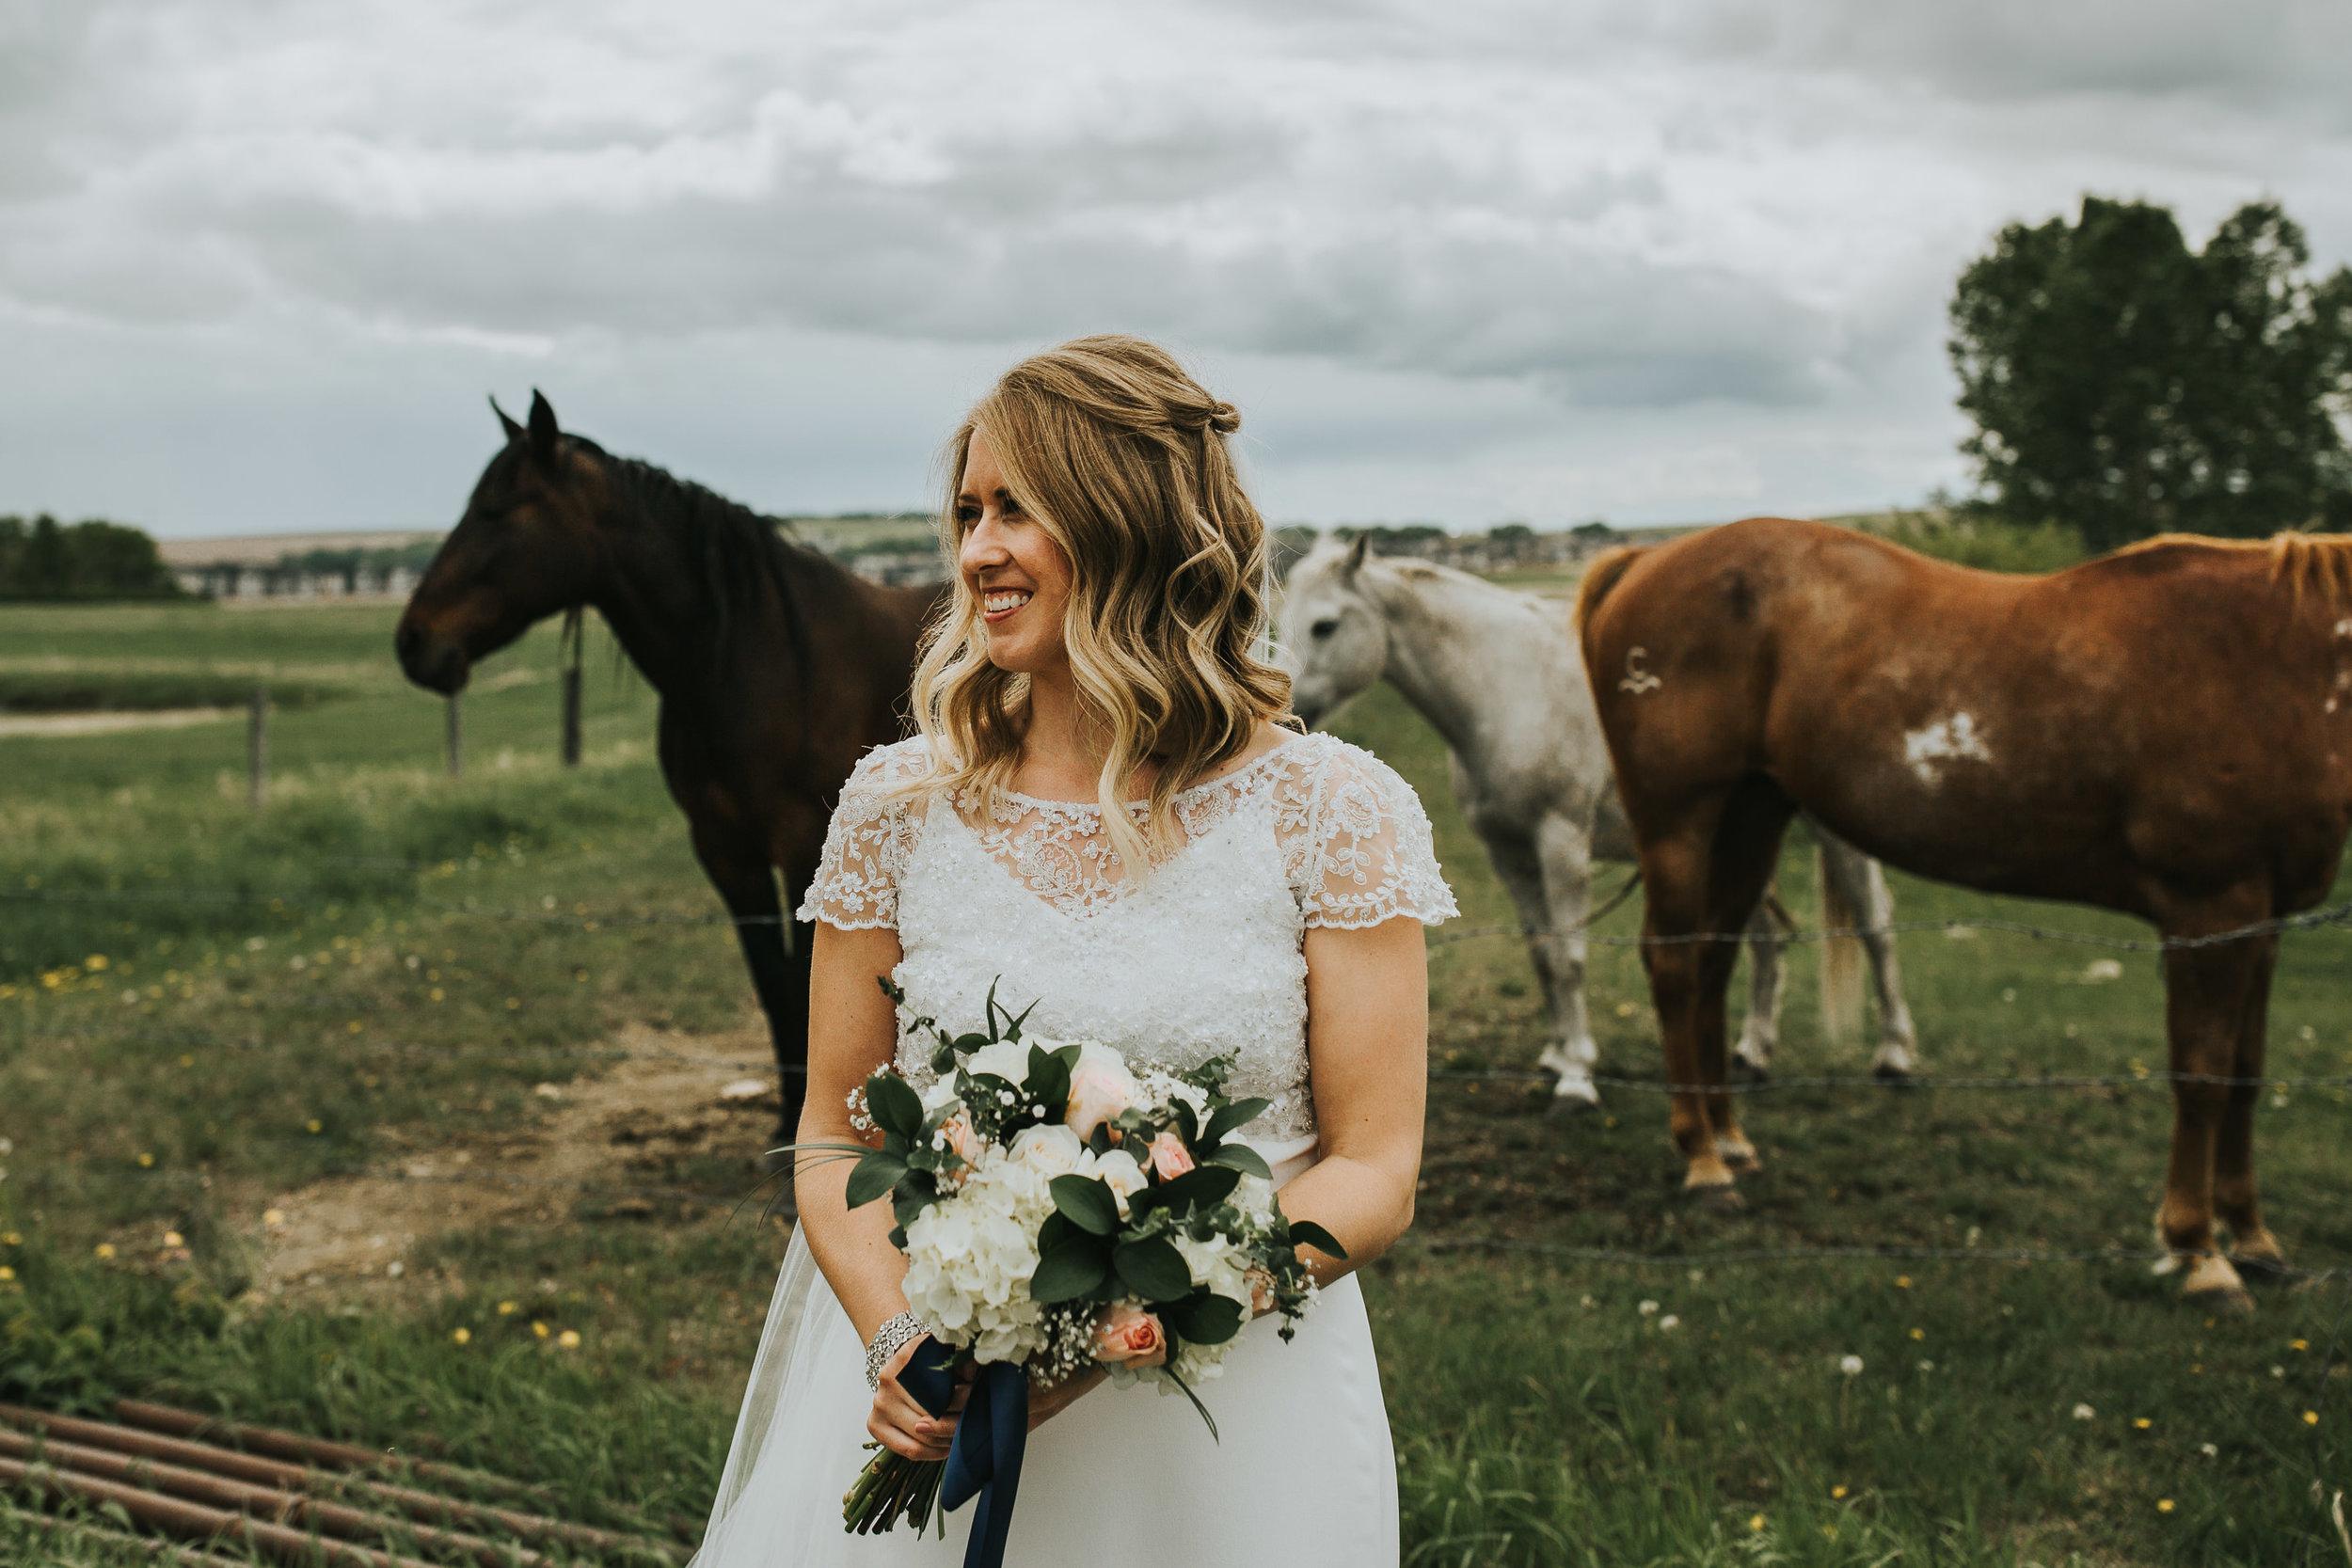 The-Gathered-Farm-Wedding-22